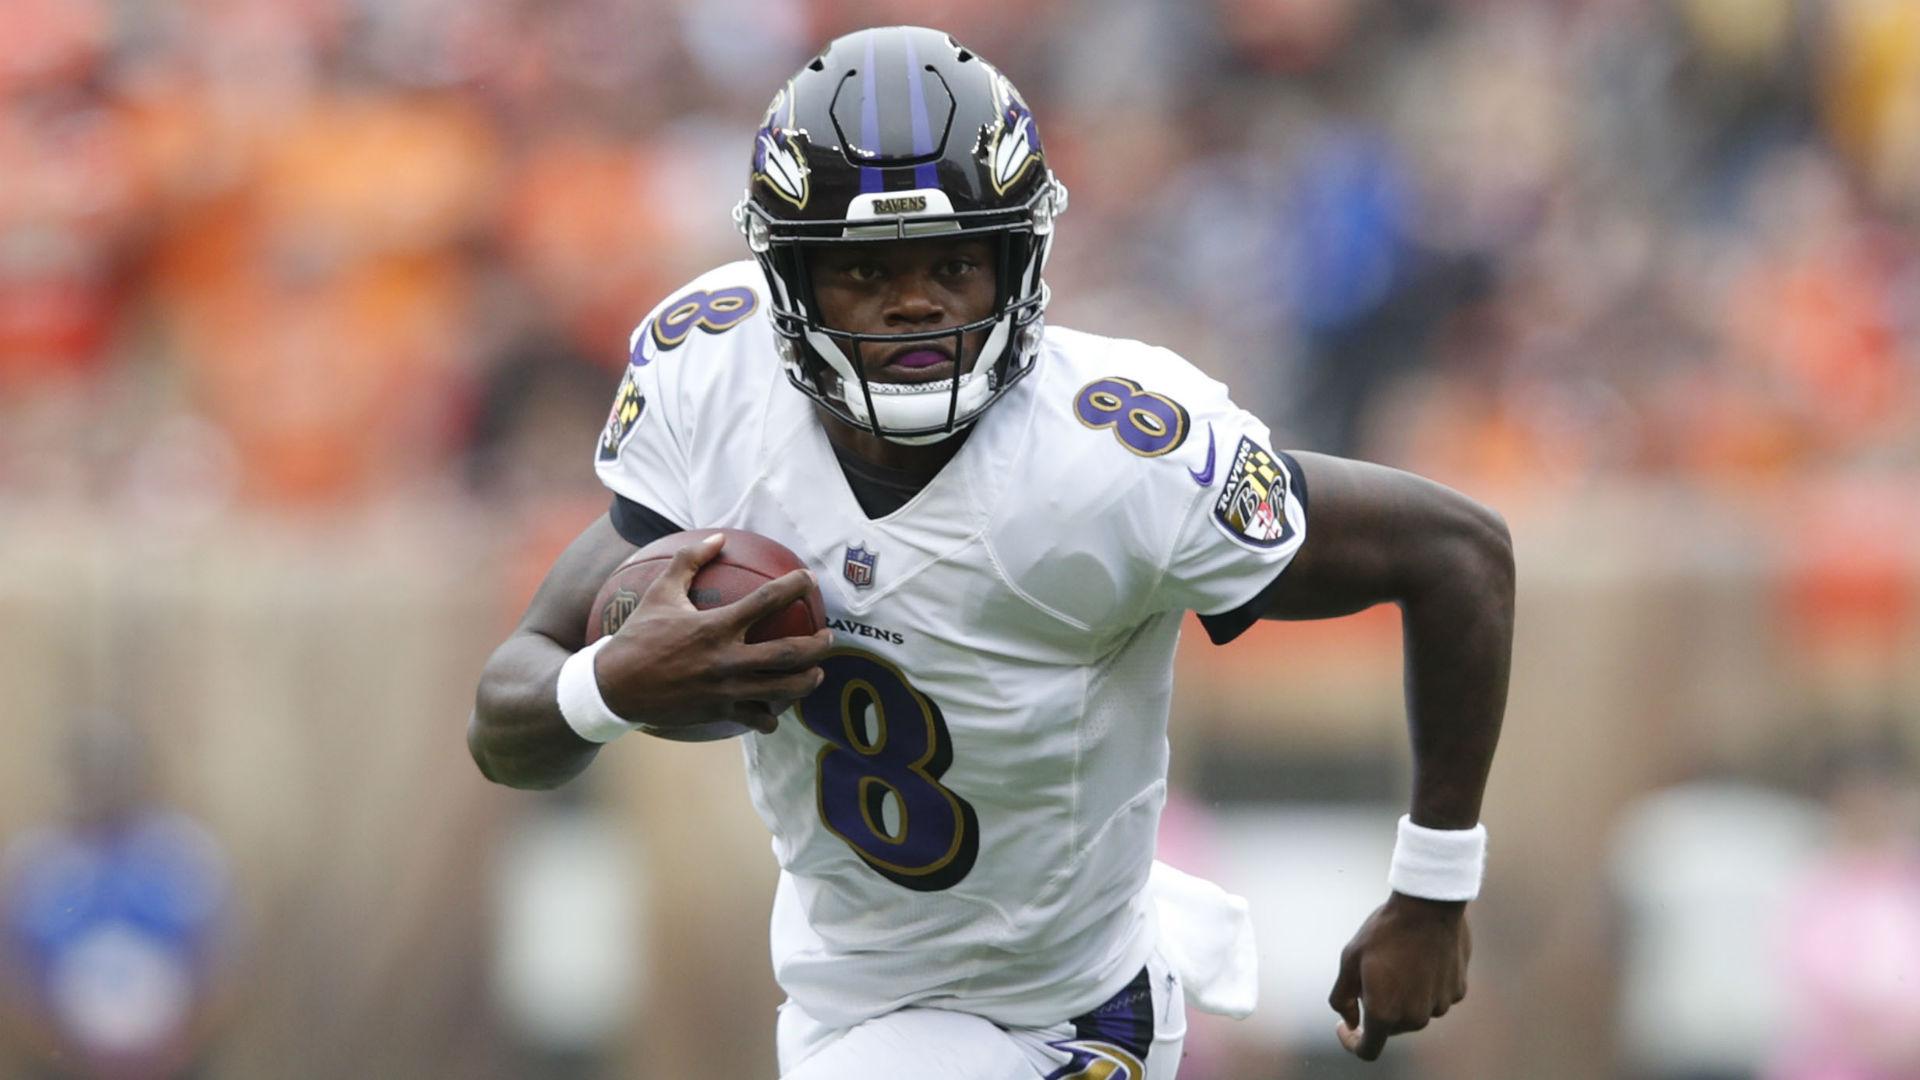 Ravens QB Jackson returns after concussion evaluation